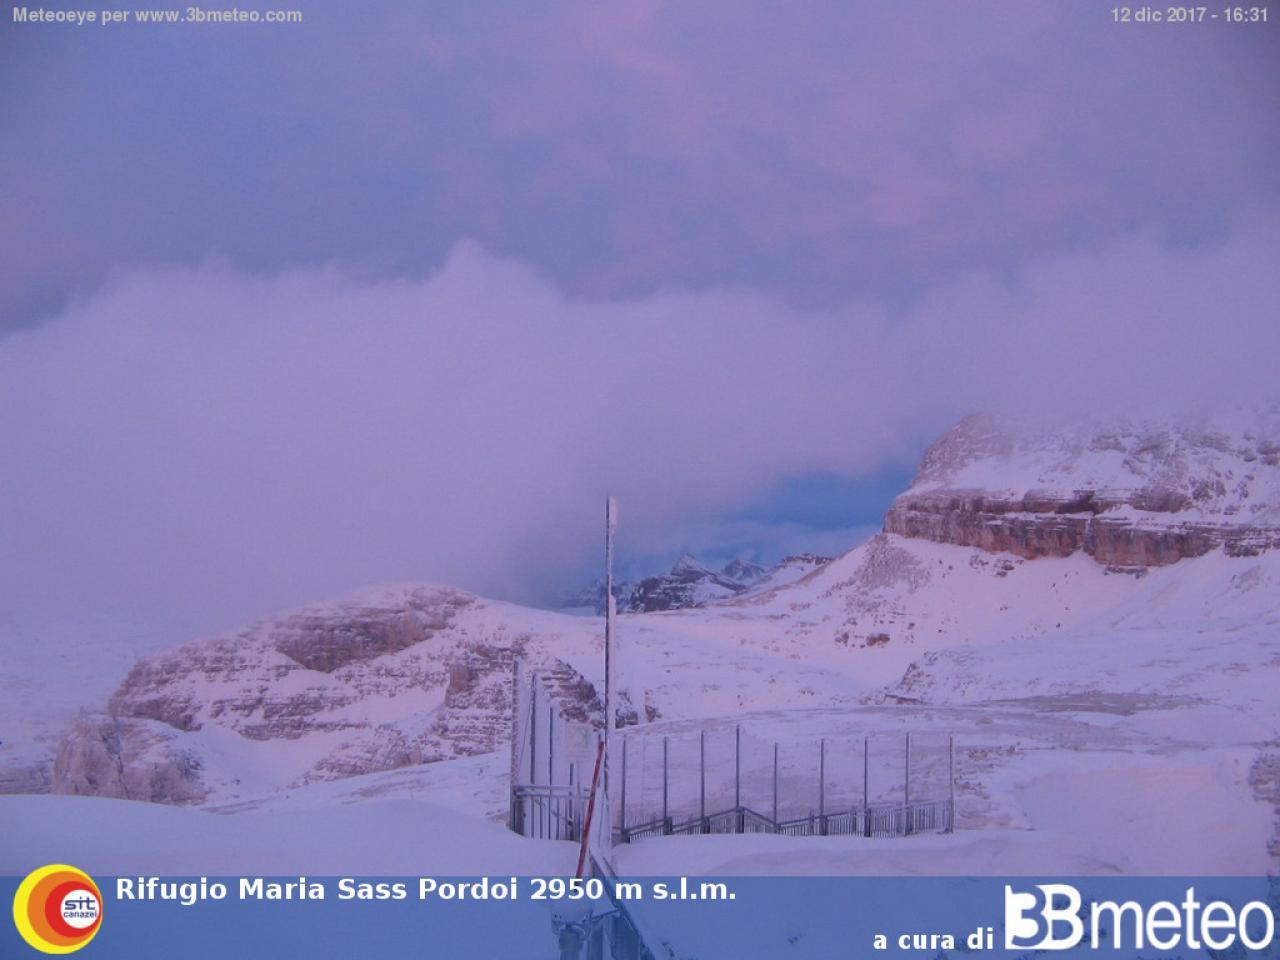 Nowcasting nivo glaciale Alpi inverno 2017-2018-ore16_30.jpg